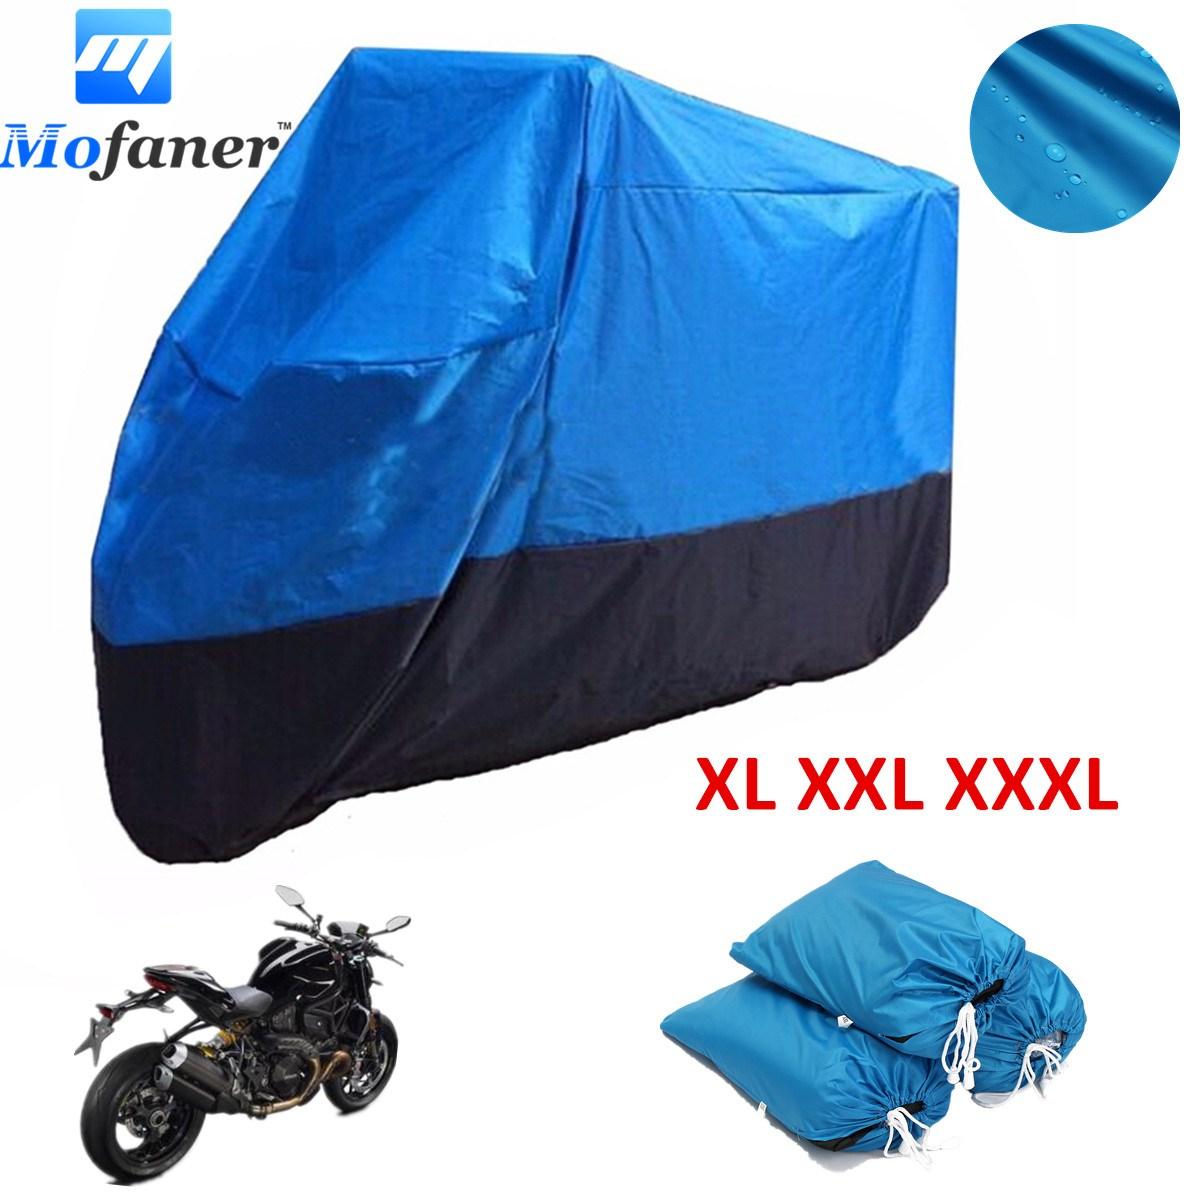 Mofaner 180 T Universal Motorrad Abdeckung Wasserdicht Schwarz und Blau Quad ATV Fahrzeug Scooter Motorrad Abdeckungen